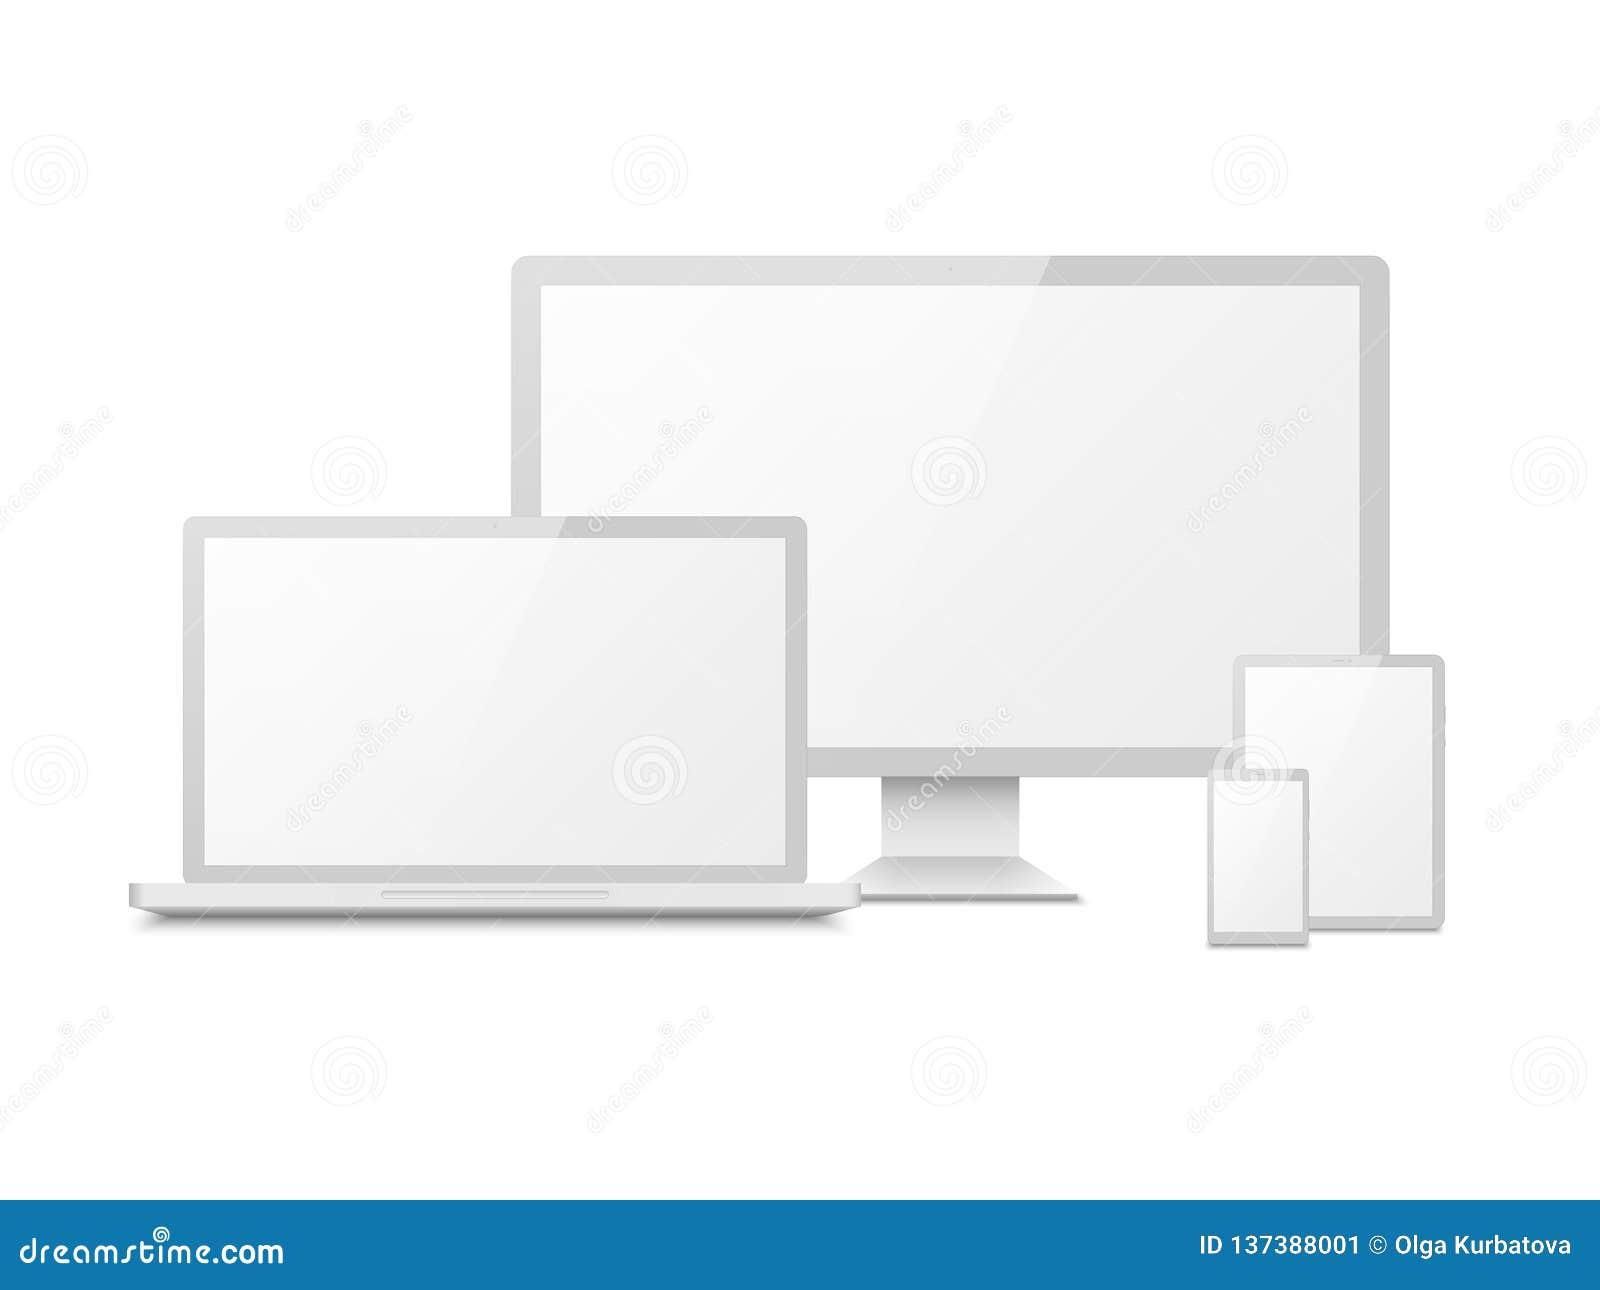 白色设备大模型 片剂膝上型计算机智能手机屏幕计算机个人计算机显示 3d电子触摸屏幕多媒体设备